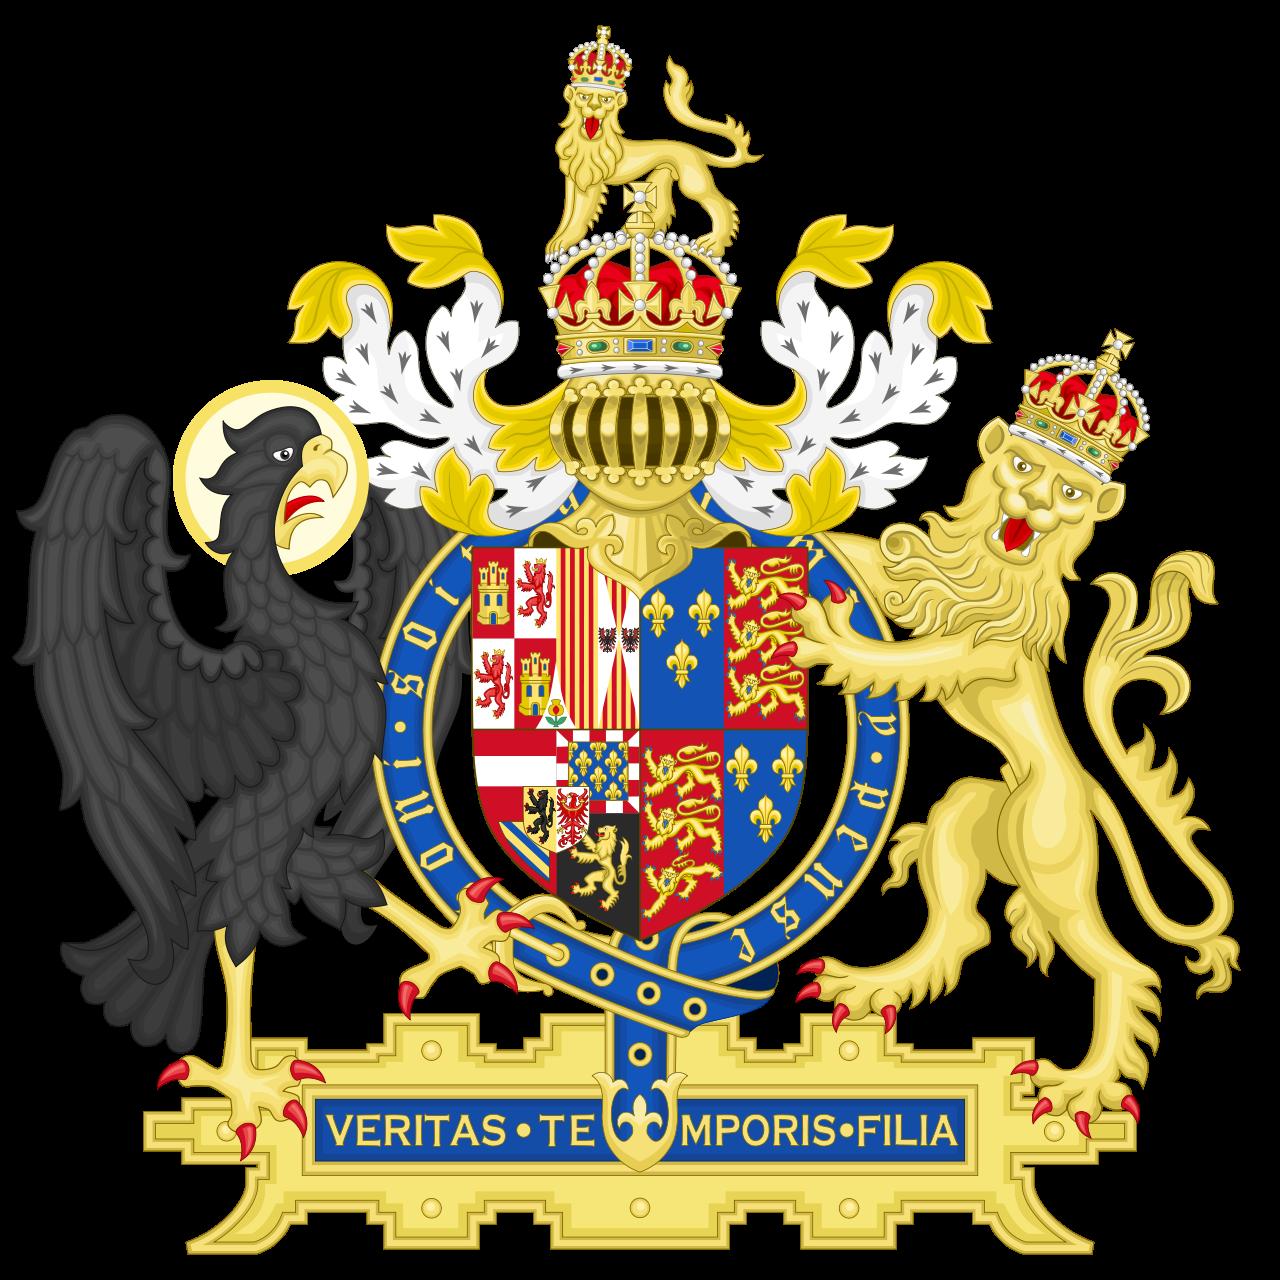 Σύμβολα καὶ οἰκόσημα...68 Ἀγγλία ἀριστερὸς μαῦρος ἀετός